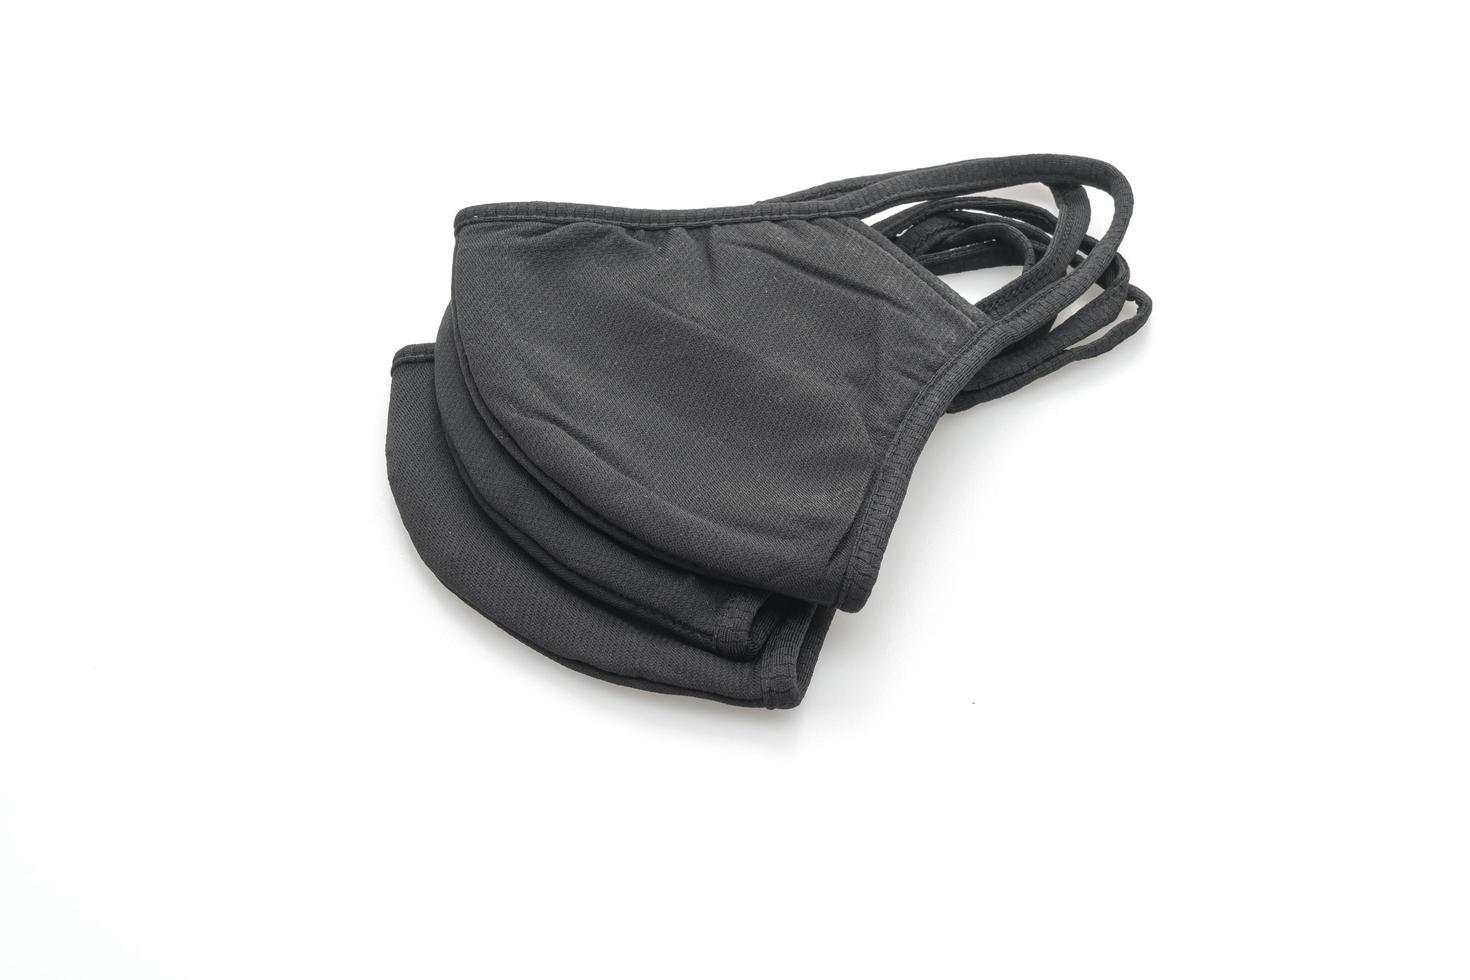 Máscara de tela negra para proteger covid-19 sobre fondo blanco aislado foto